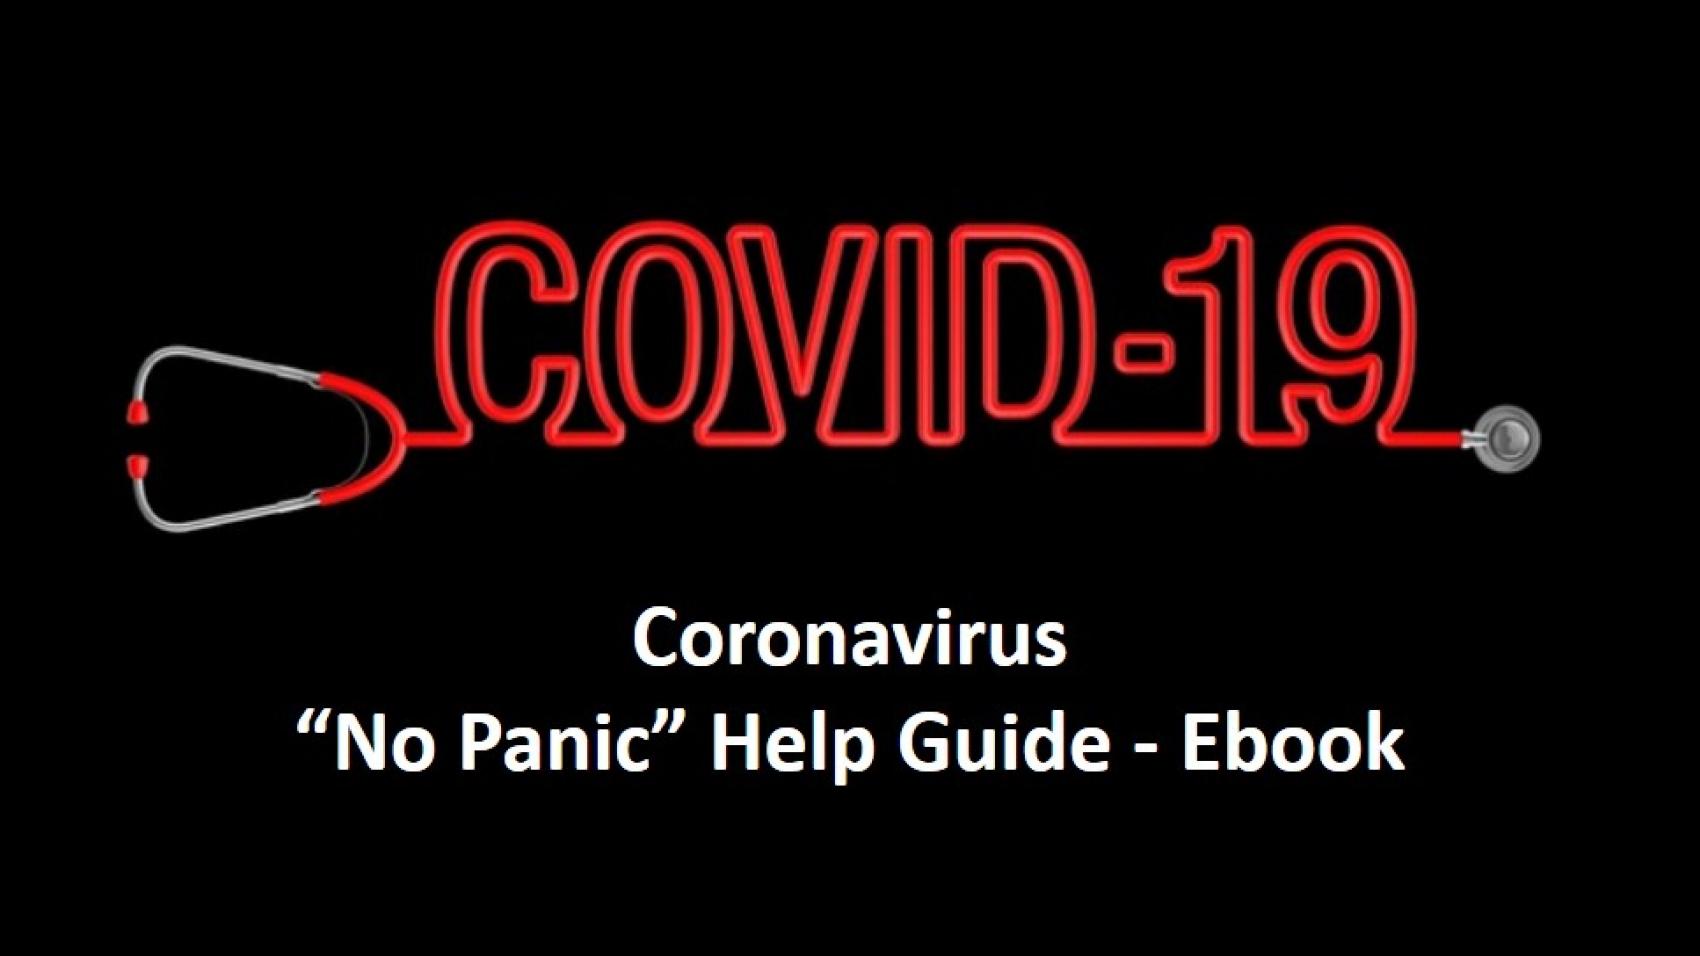 CK-covid-19-1